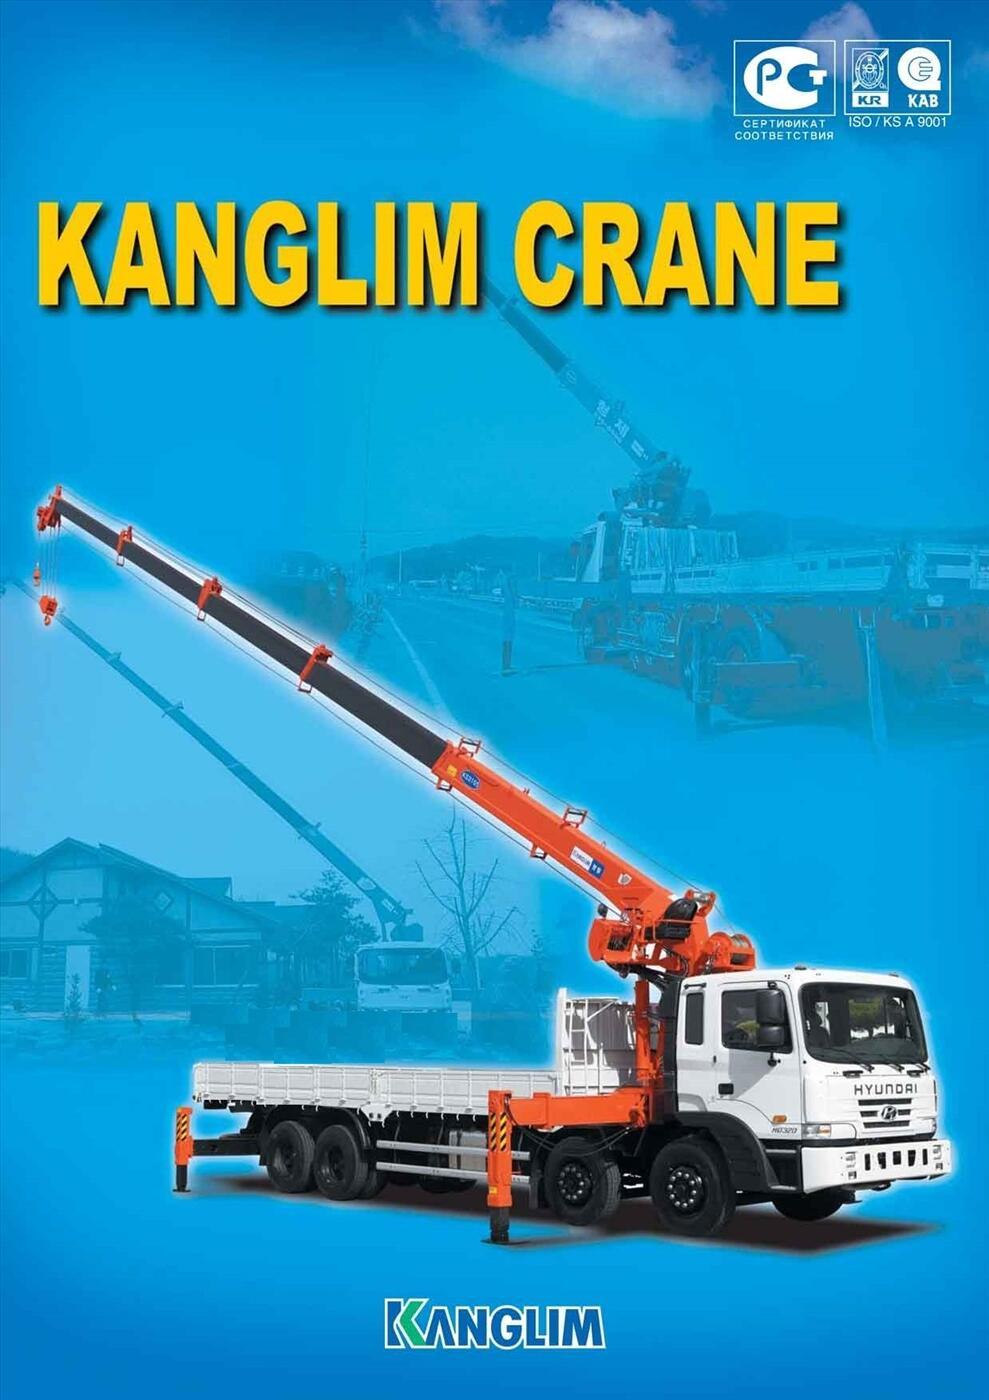 Thông số kỹ thuật cẩu Kanglim / Mua bán cẩu Kanglim chính hãng giá tốt